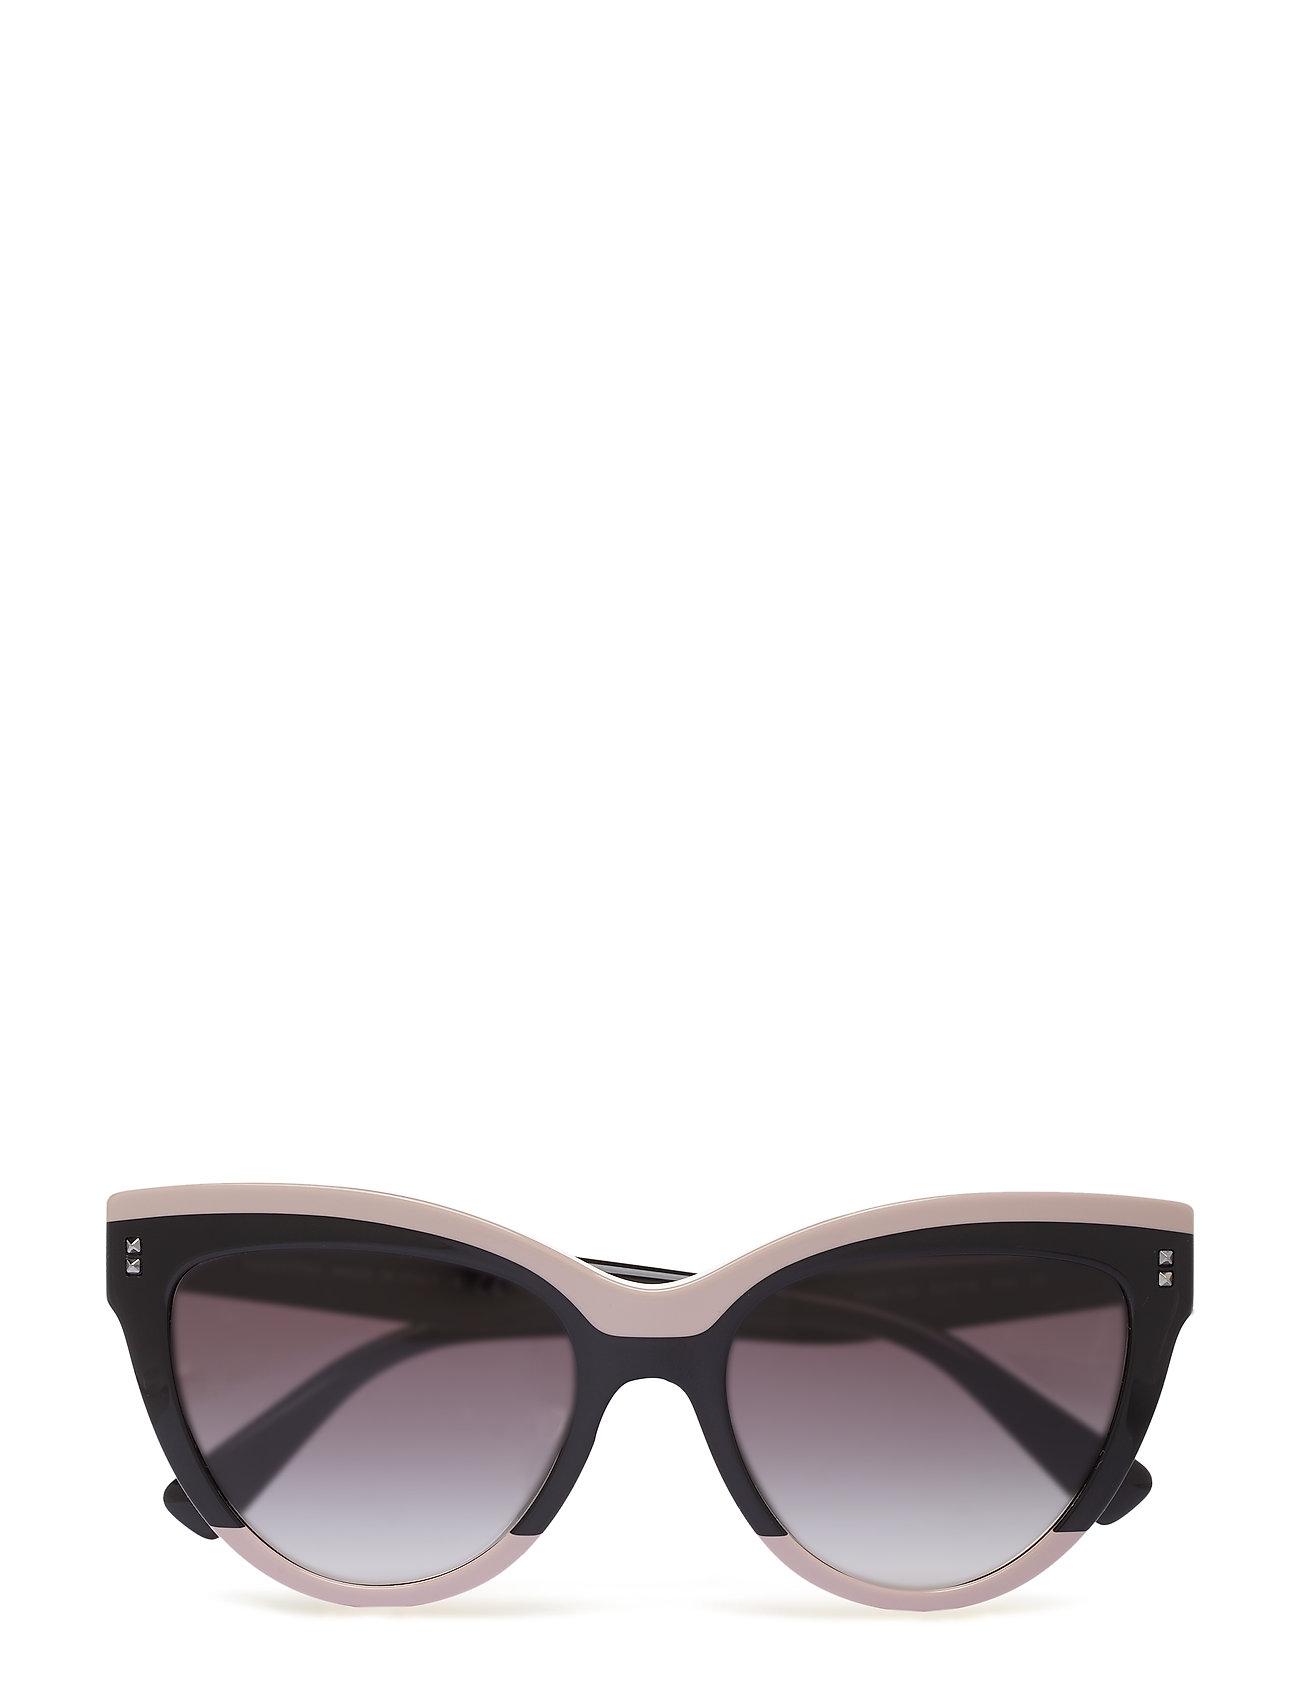 0va4034 - Valentino Sunglasses